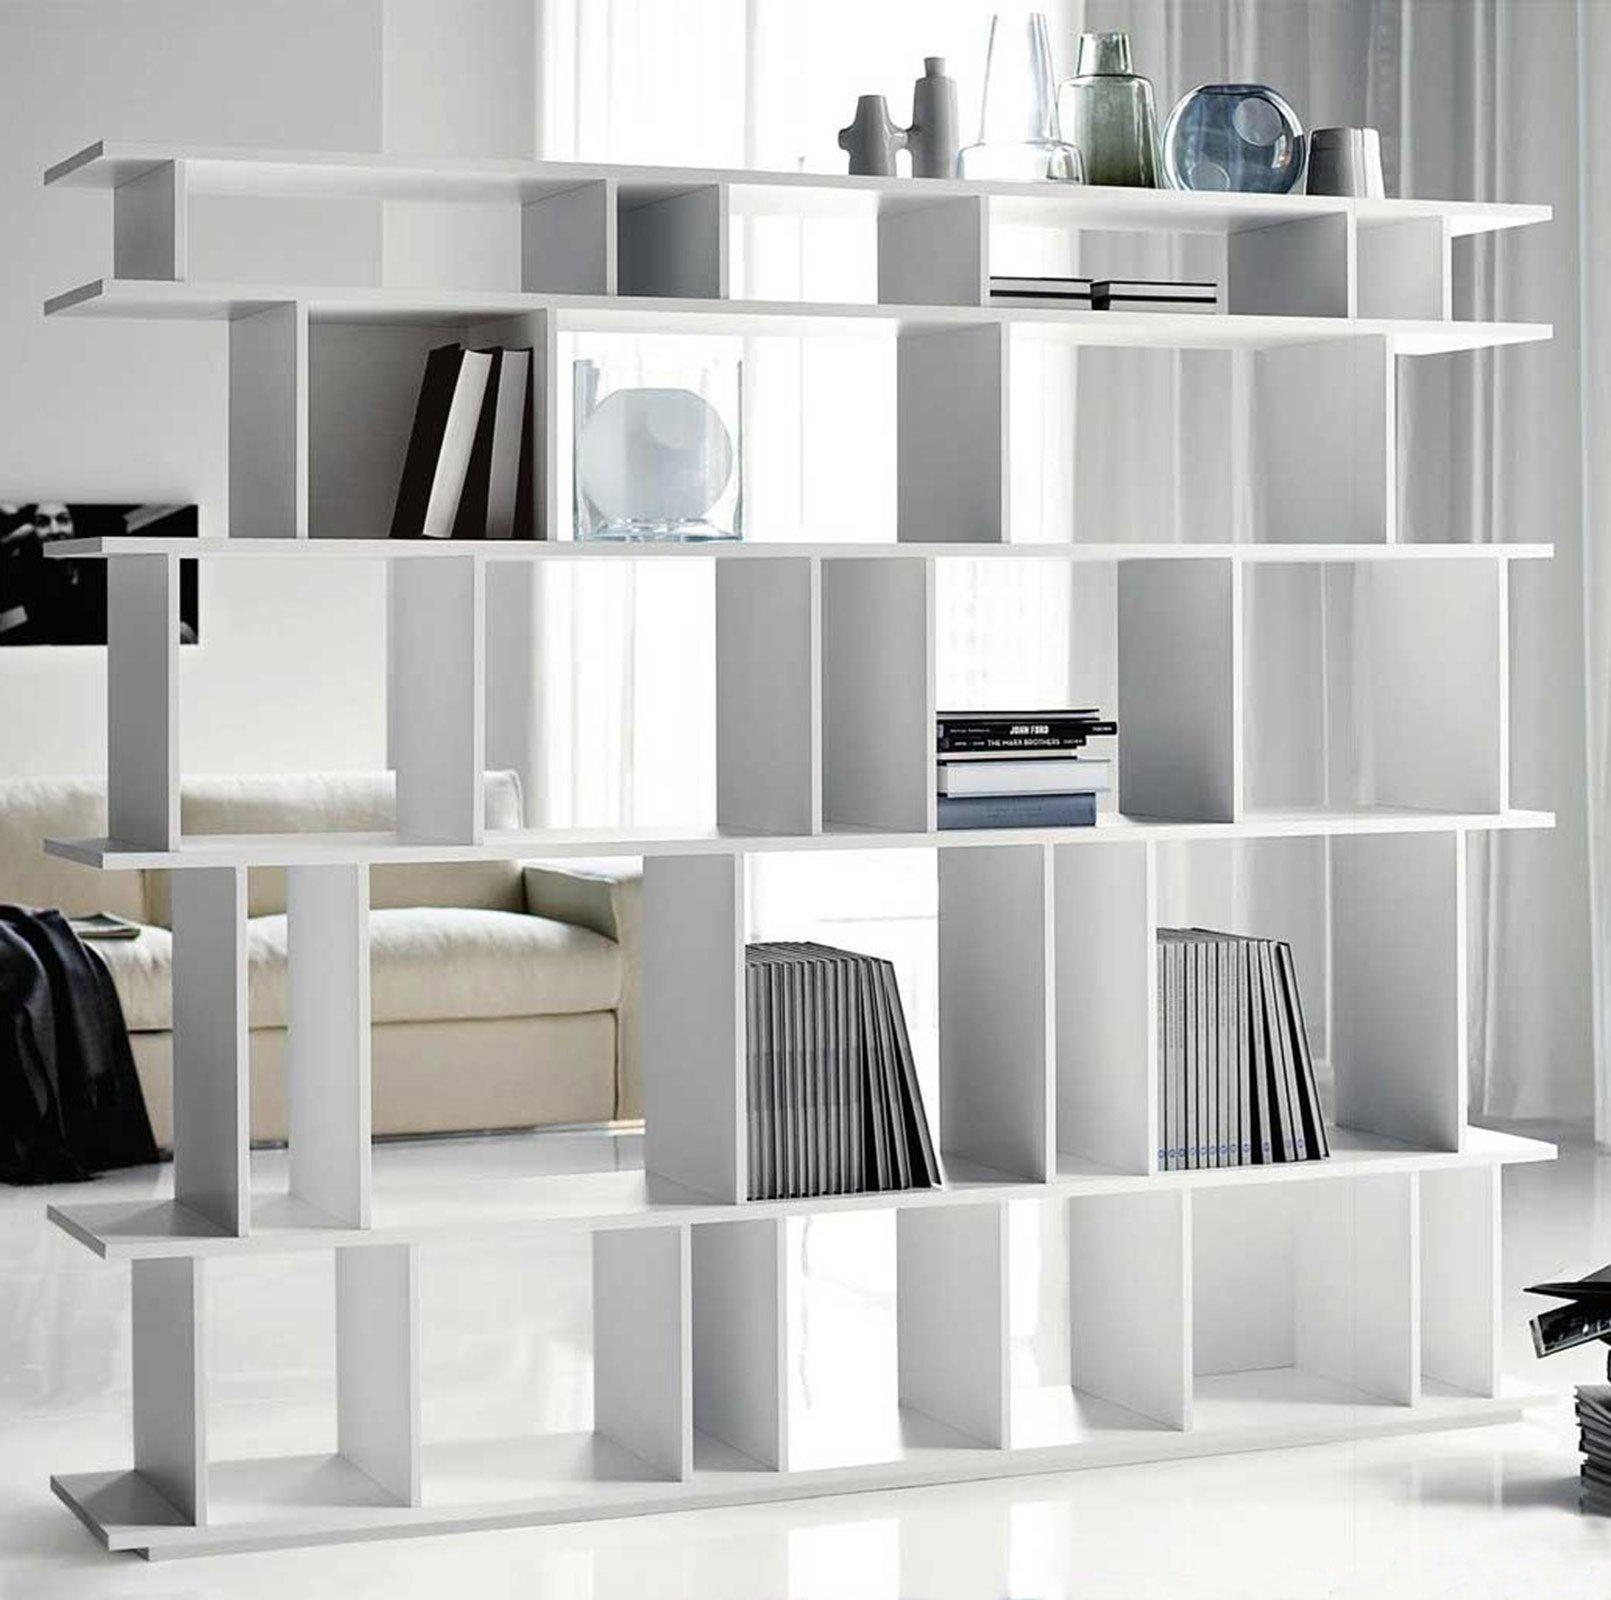 Librerie bifacciali per separare ambienti cose di casa for Libreria a muro bianca